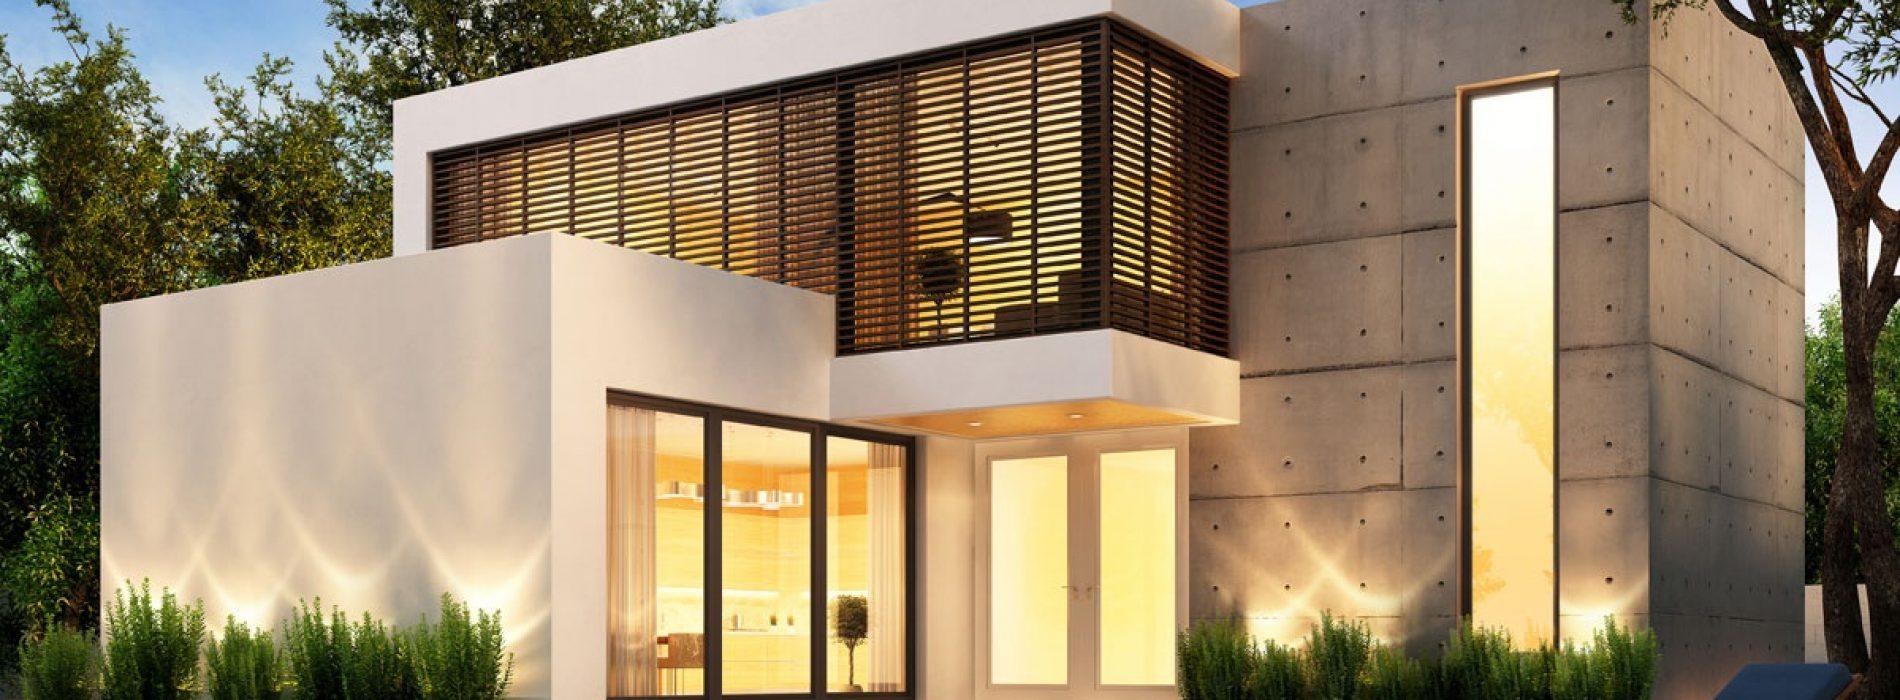 Get a home of your dream through expert realtors